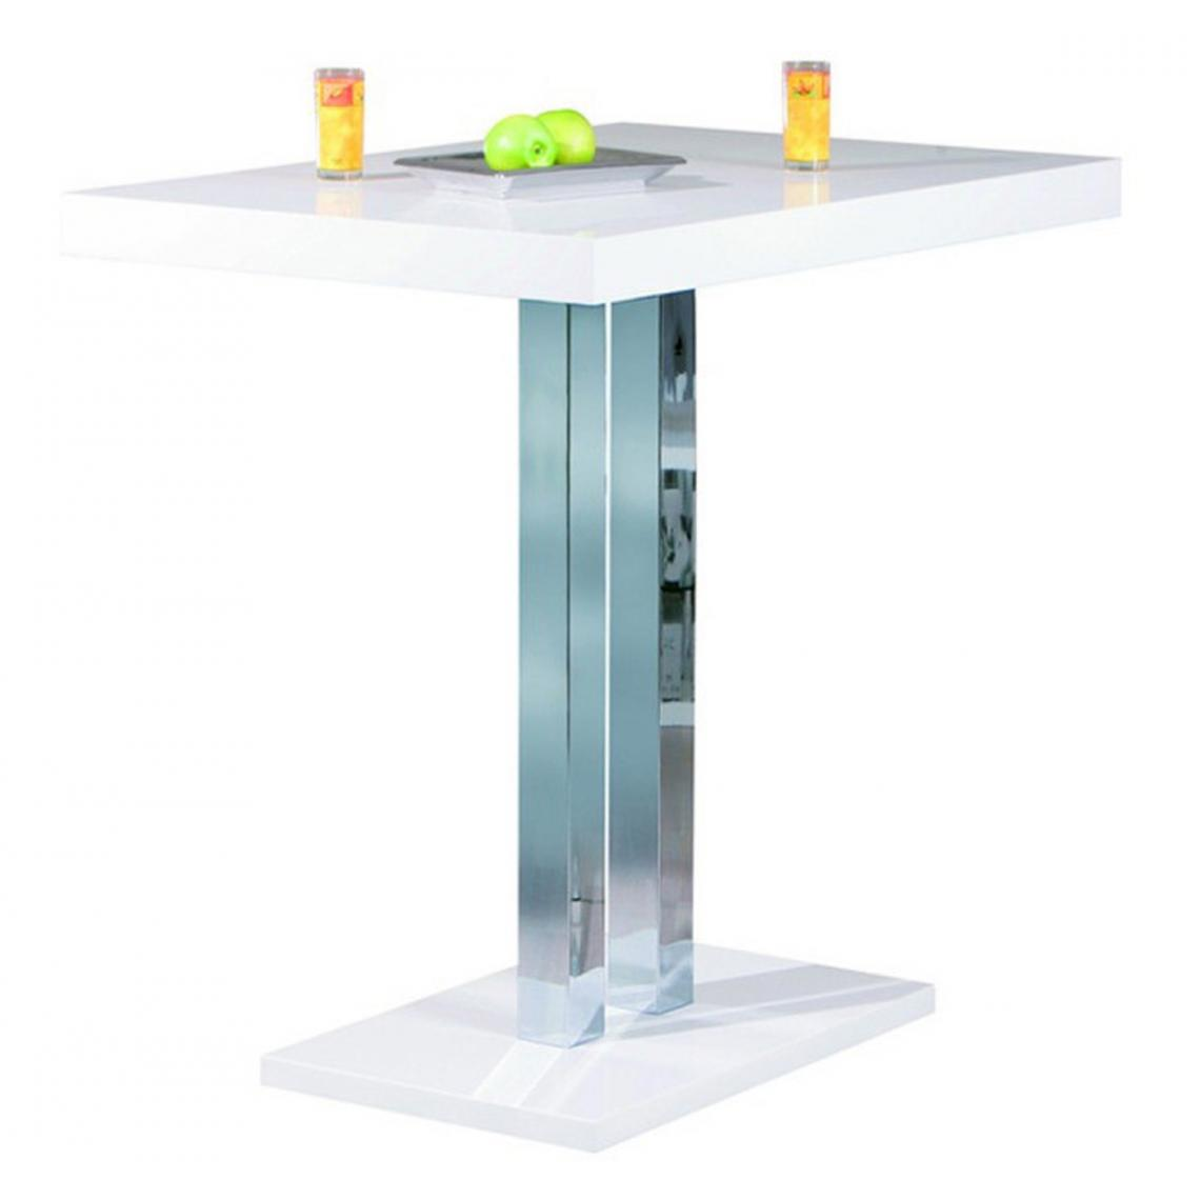 Pegane Table de bar laqué blanc et pieds métal chromé - L.120 x H.110 x P.80 cm -PEGANE-